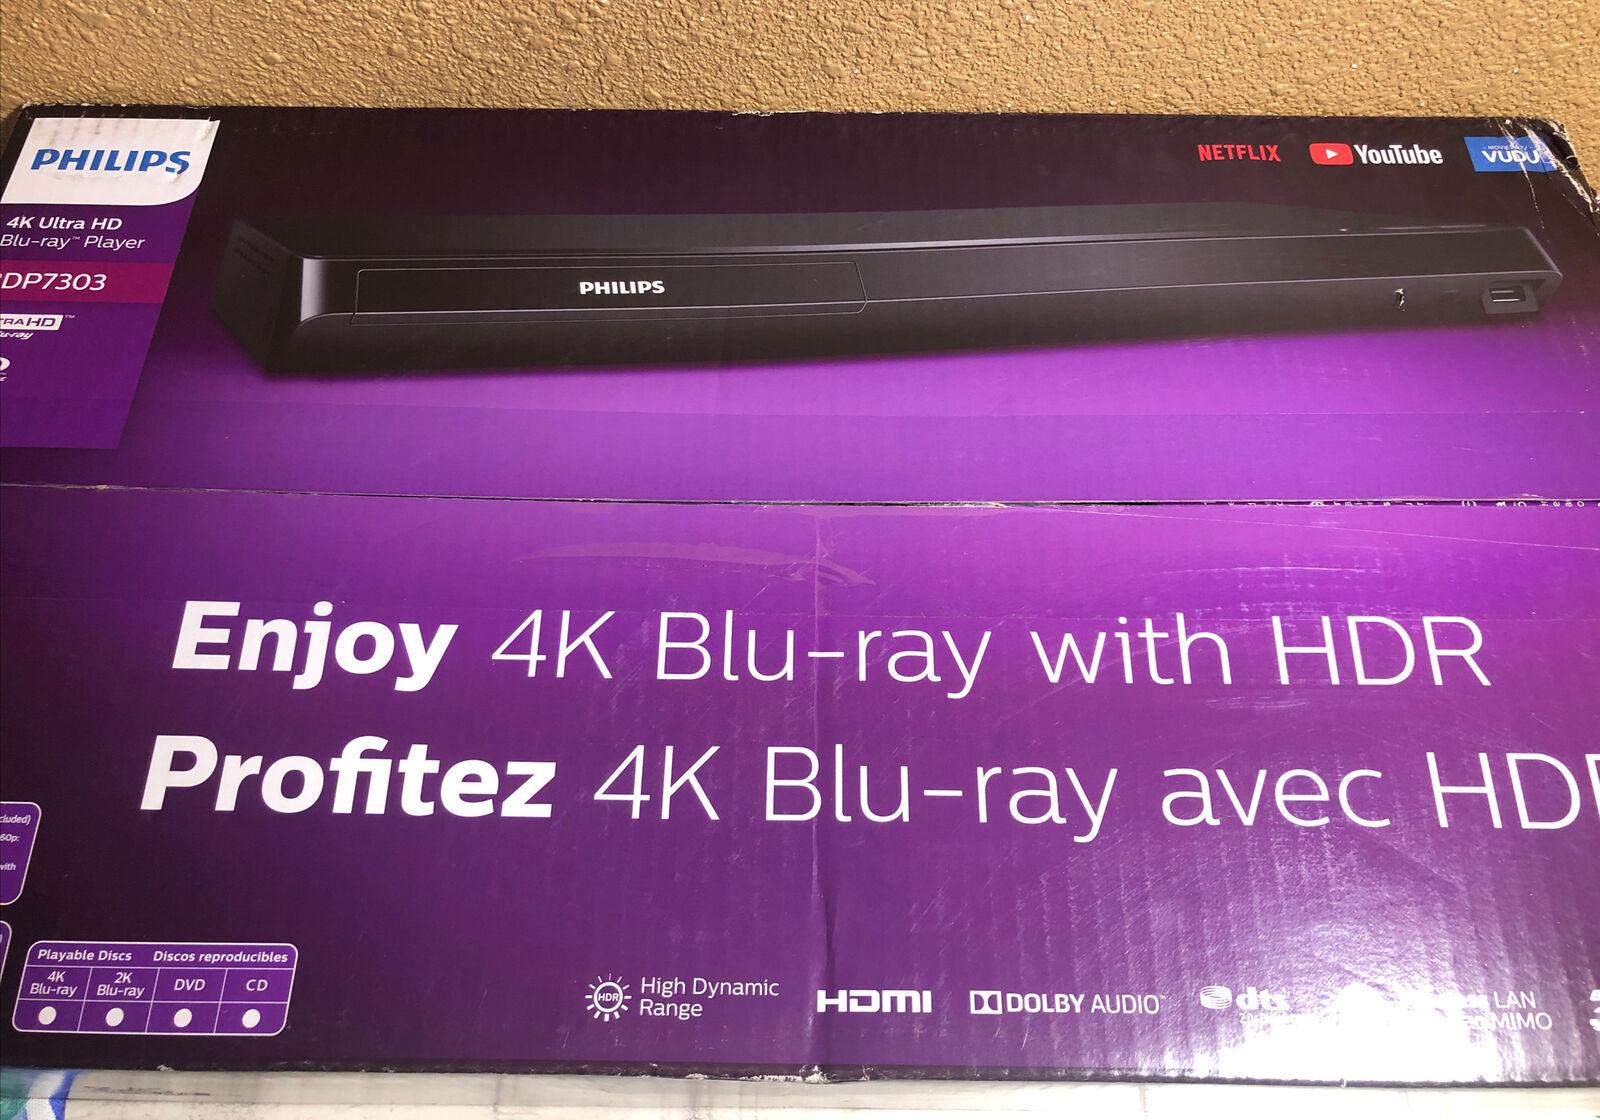 Philips BDP7303 4K UHD WiFi Streaming Blu-Ray Player New in Box bdp7303 box new philips player streaming uhd wifi